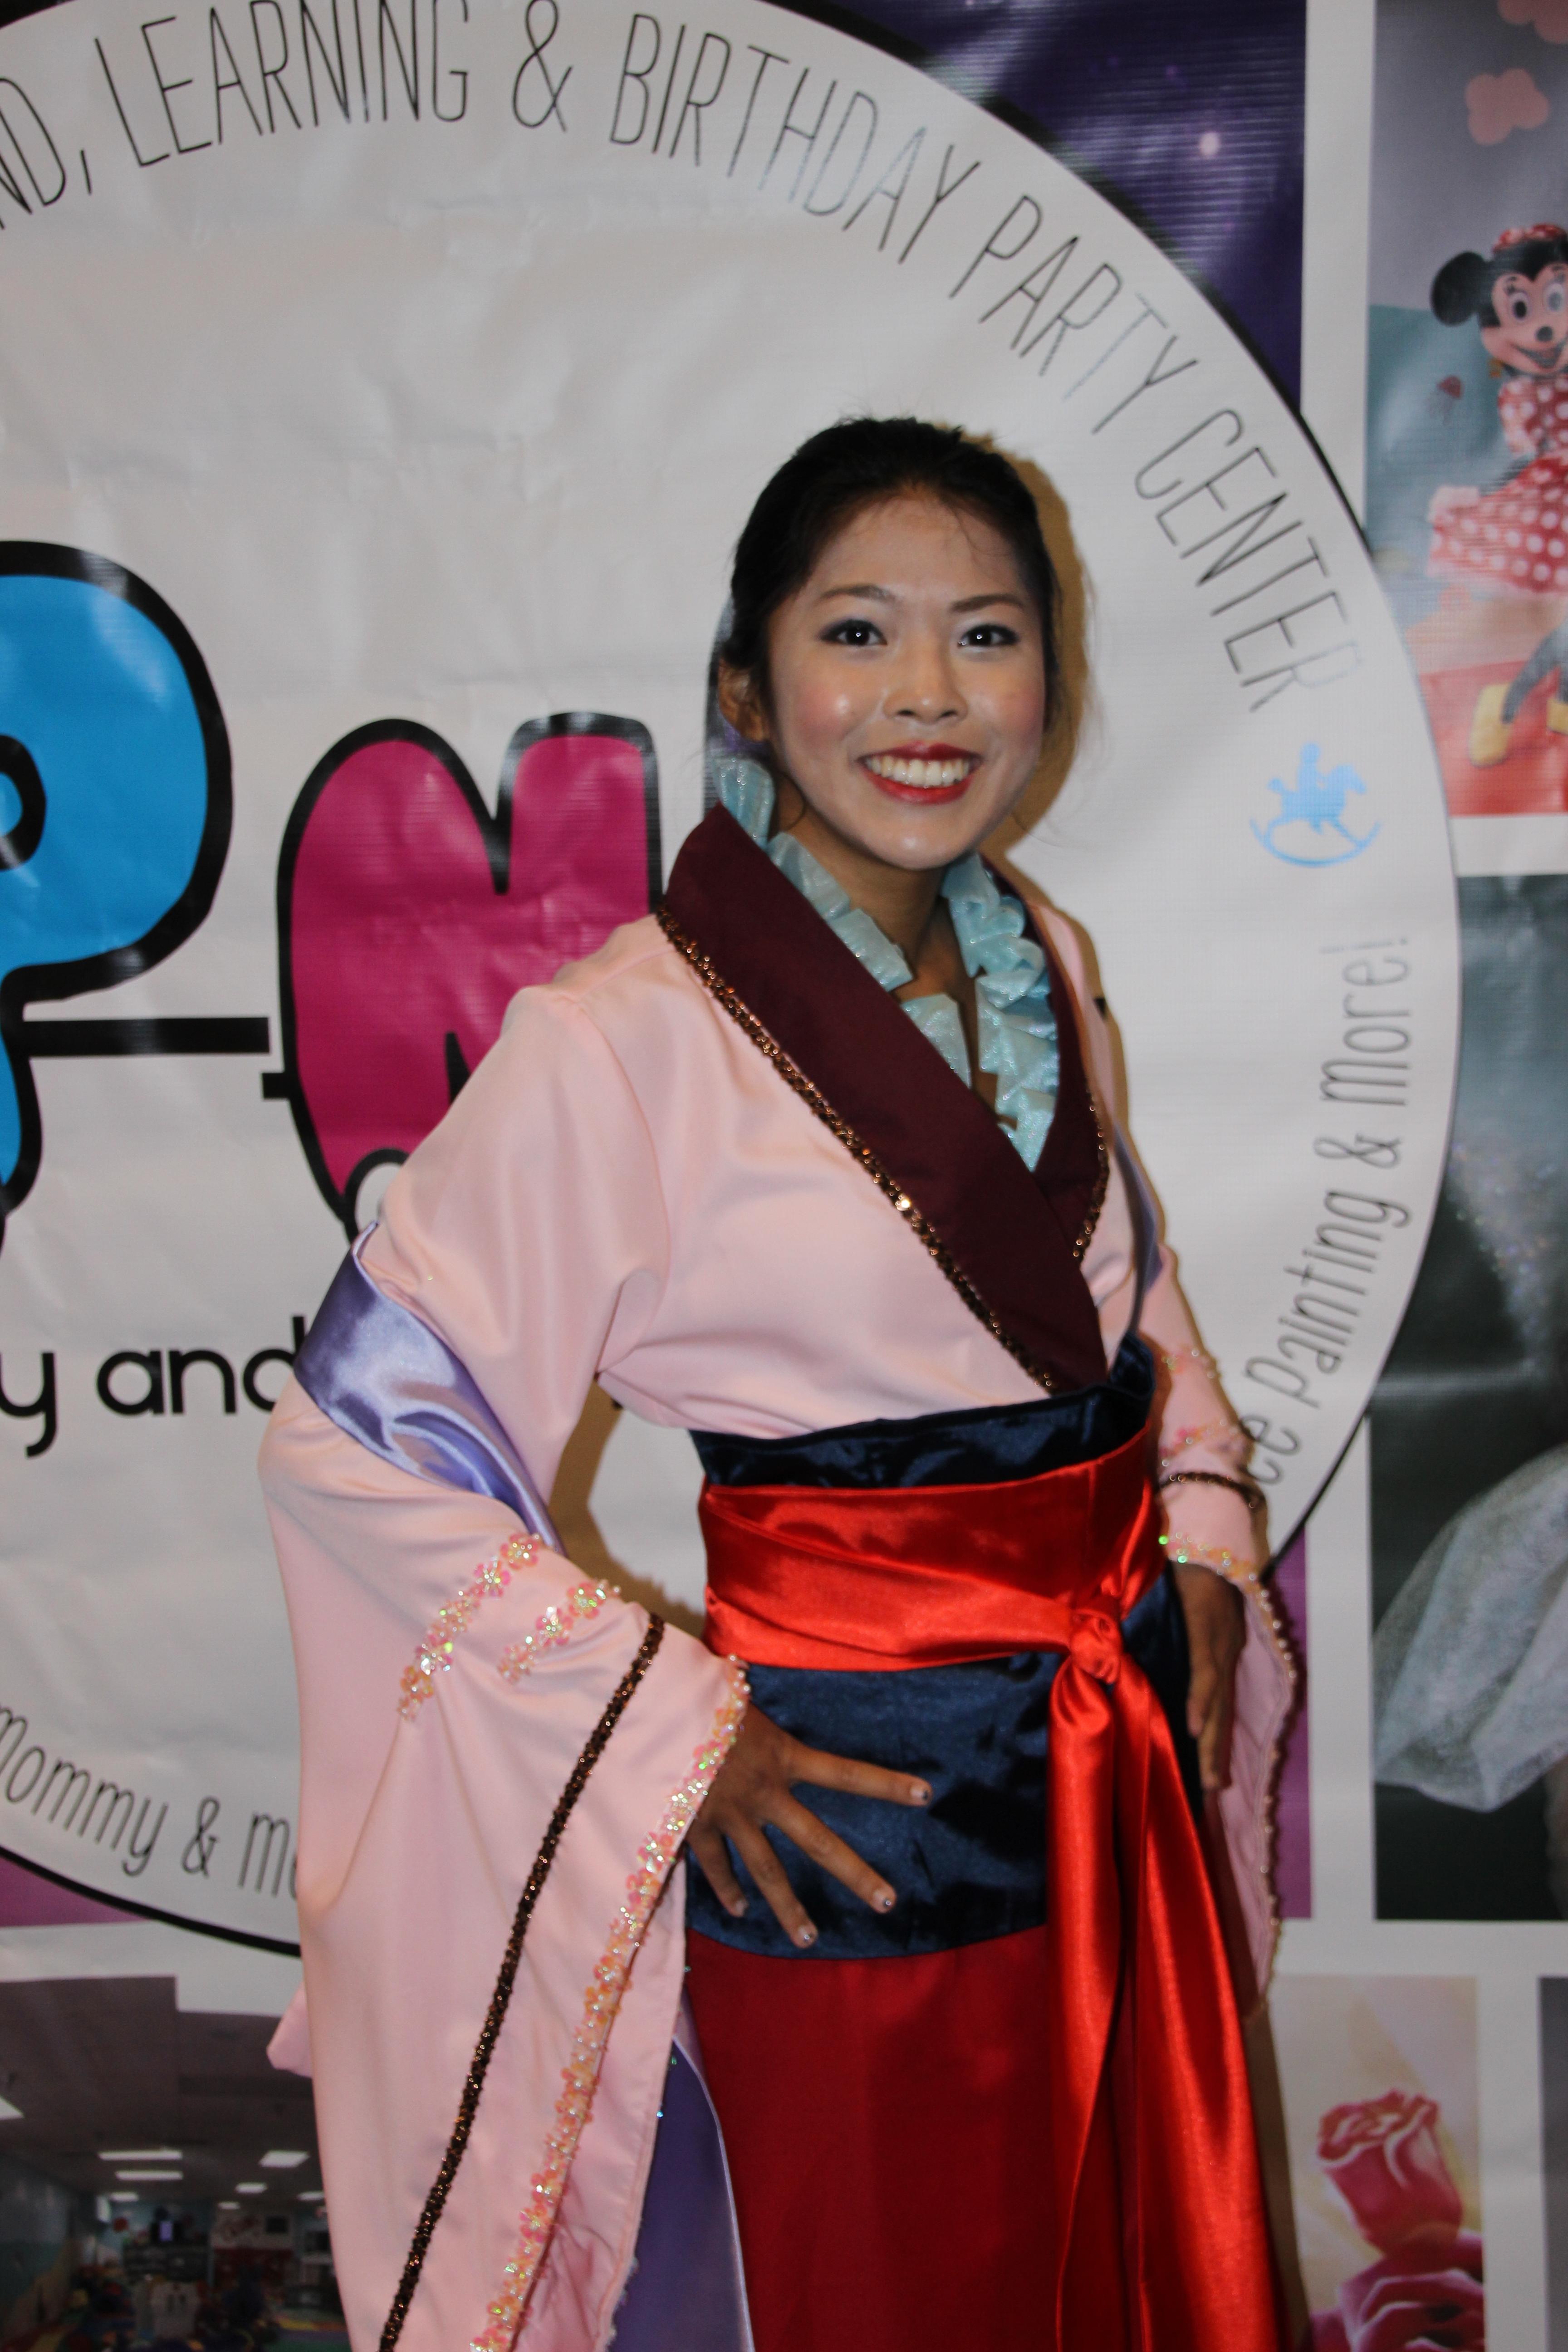 Mulan Storybook Character